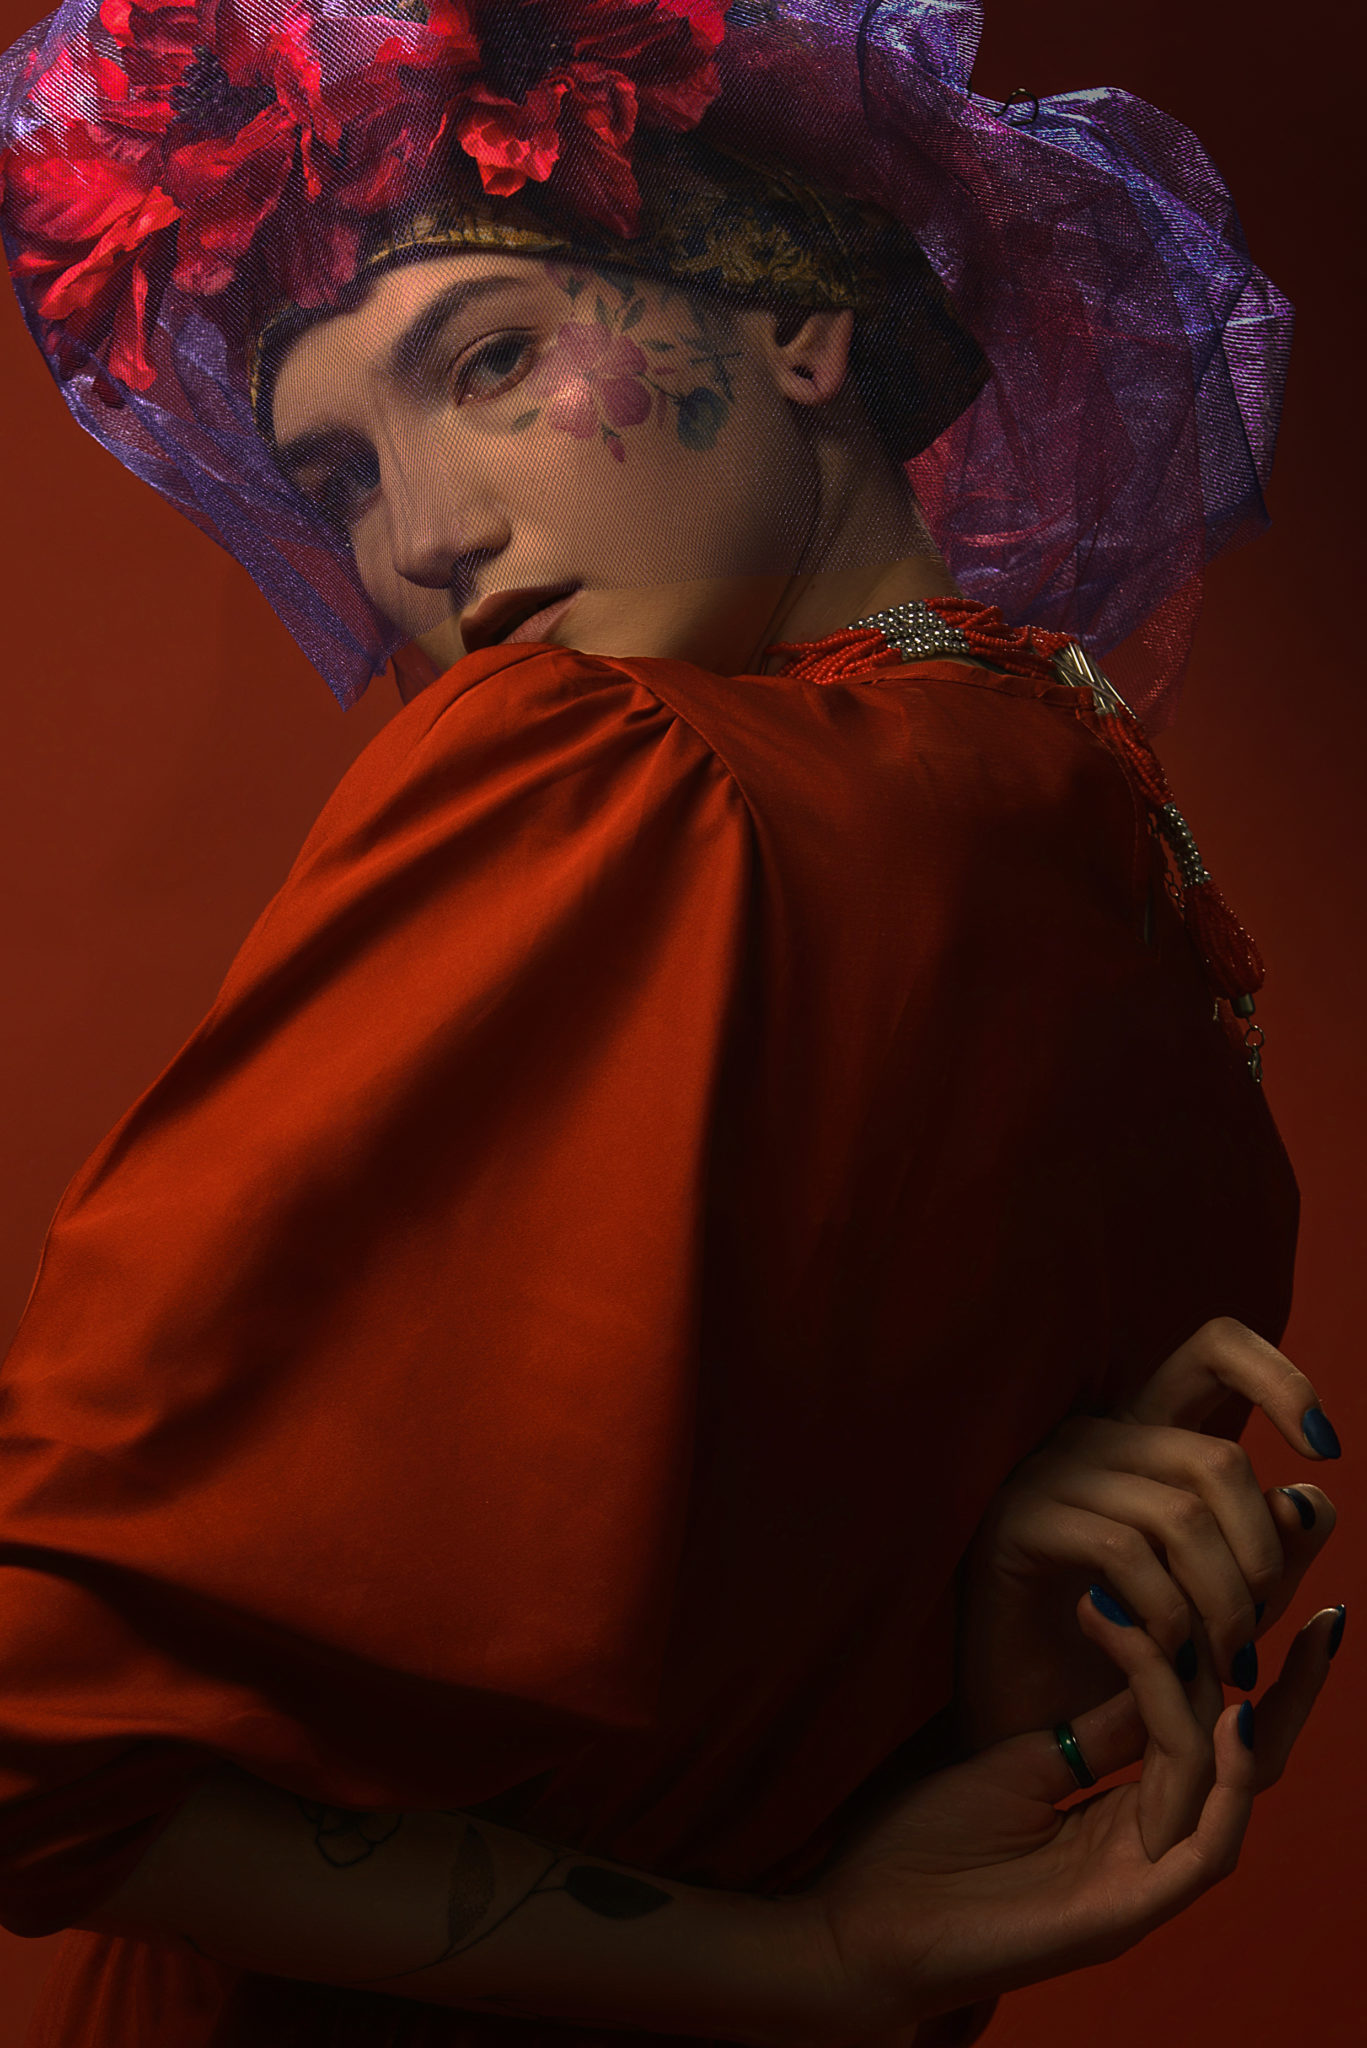 Мария Шевченко. Фотограф Алиса Постникова, визаж Сары Юлия